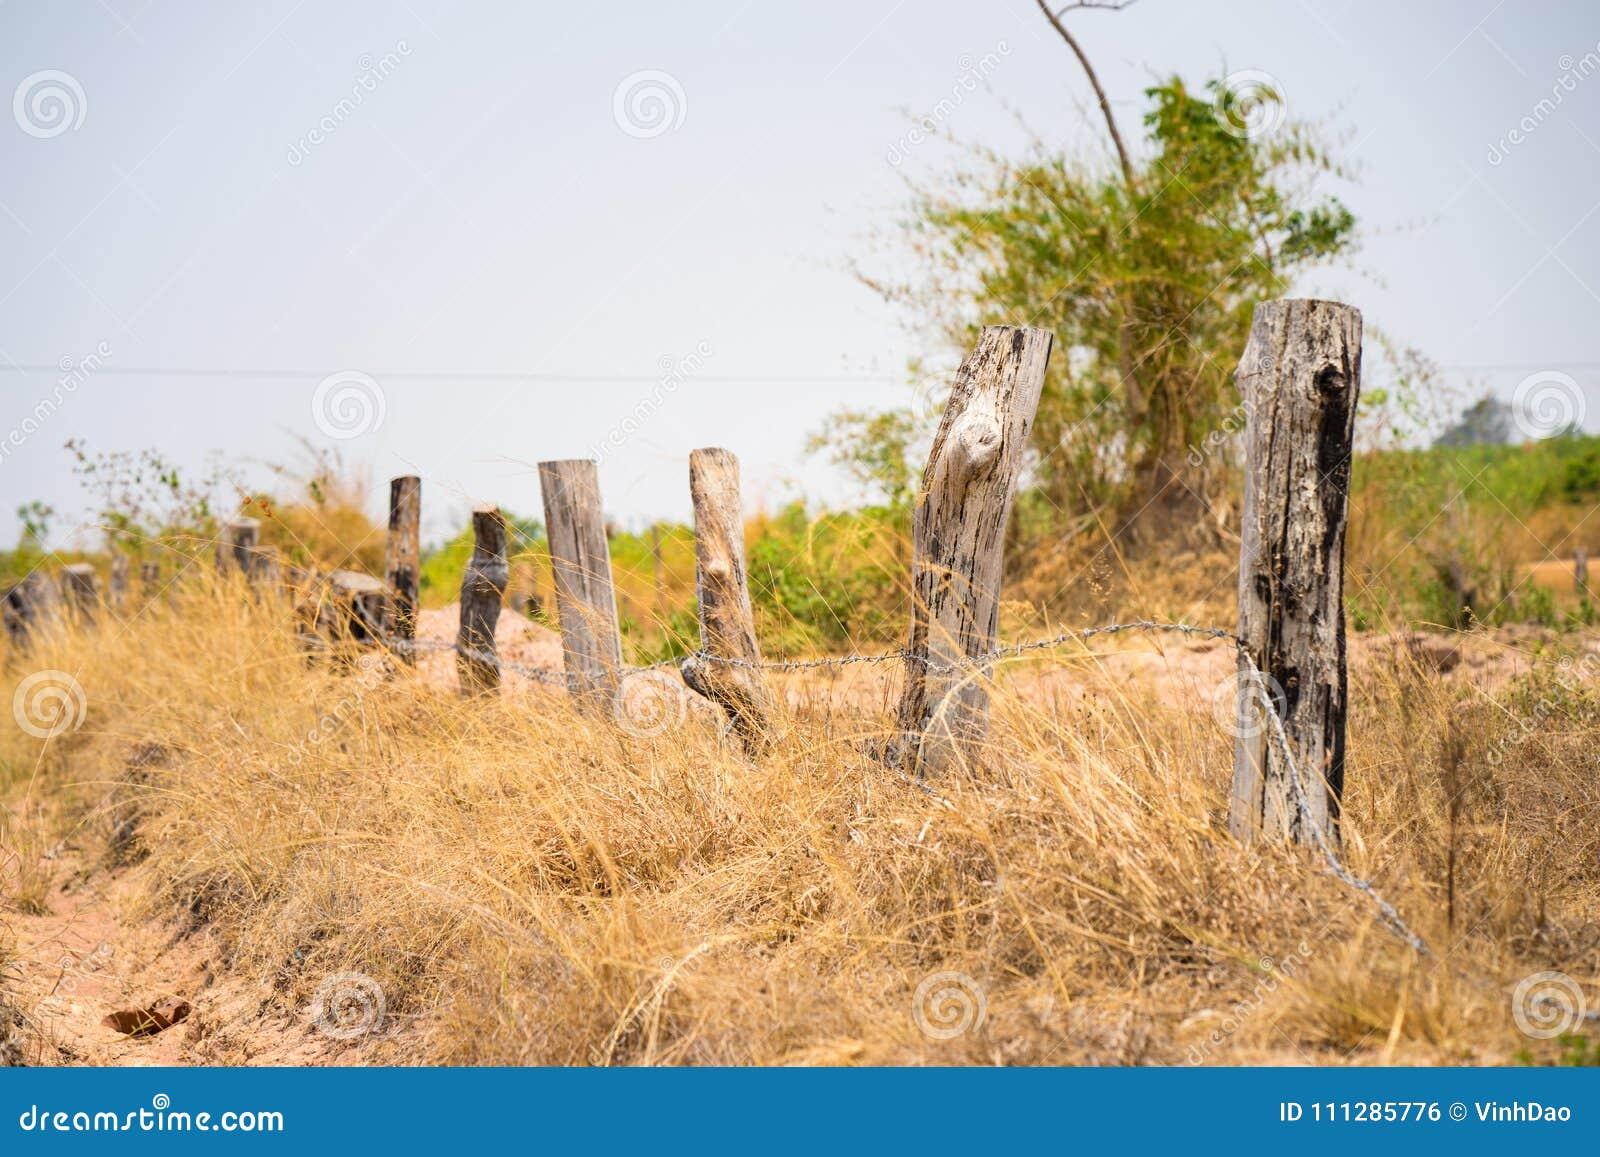 Górska sceneria w środkowym Wietnam z drewnianym ogrodzeniem robić nieboszczyk, podpalał drzewa i żółtego trawy pola,